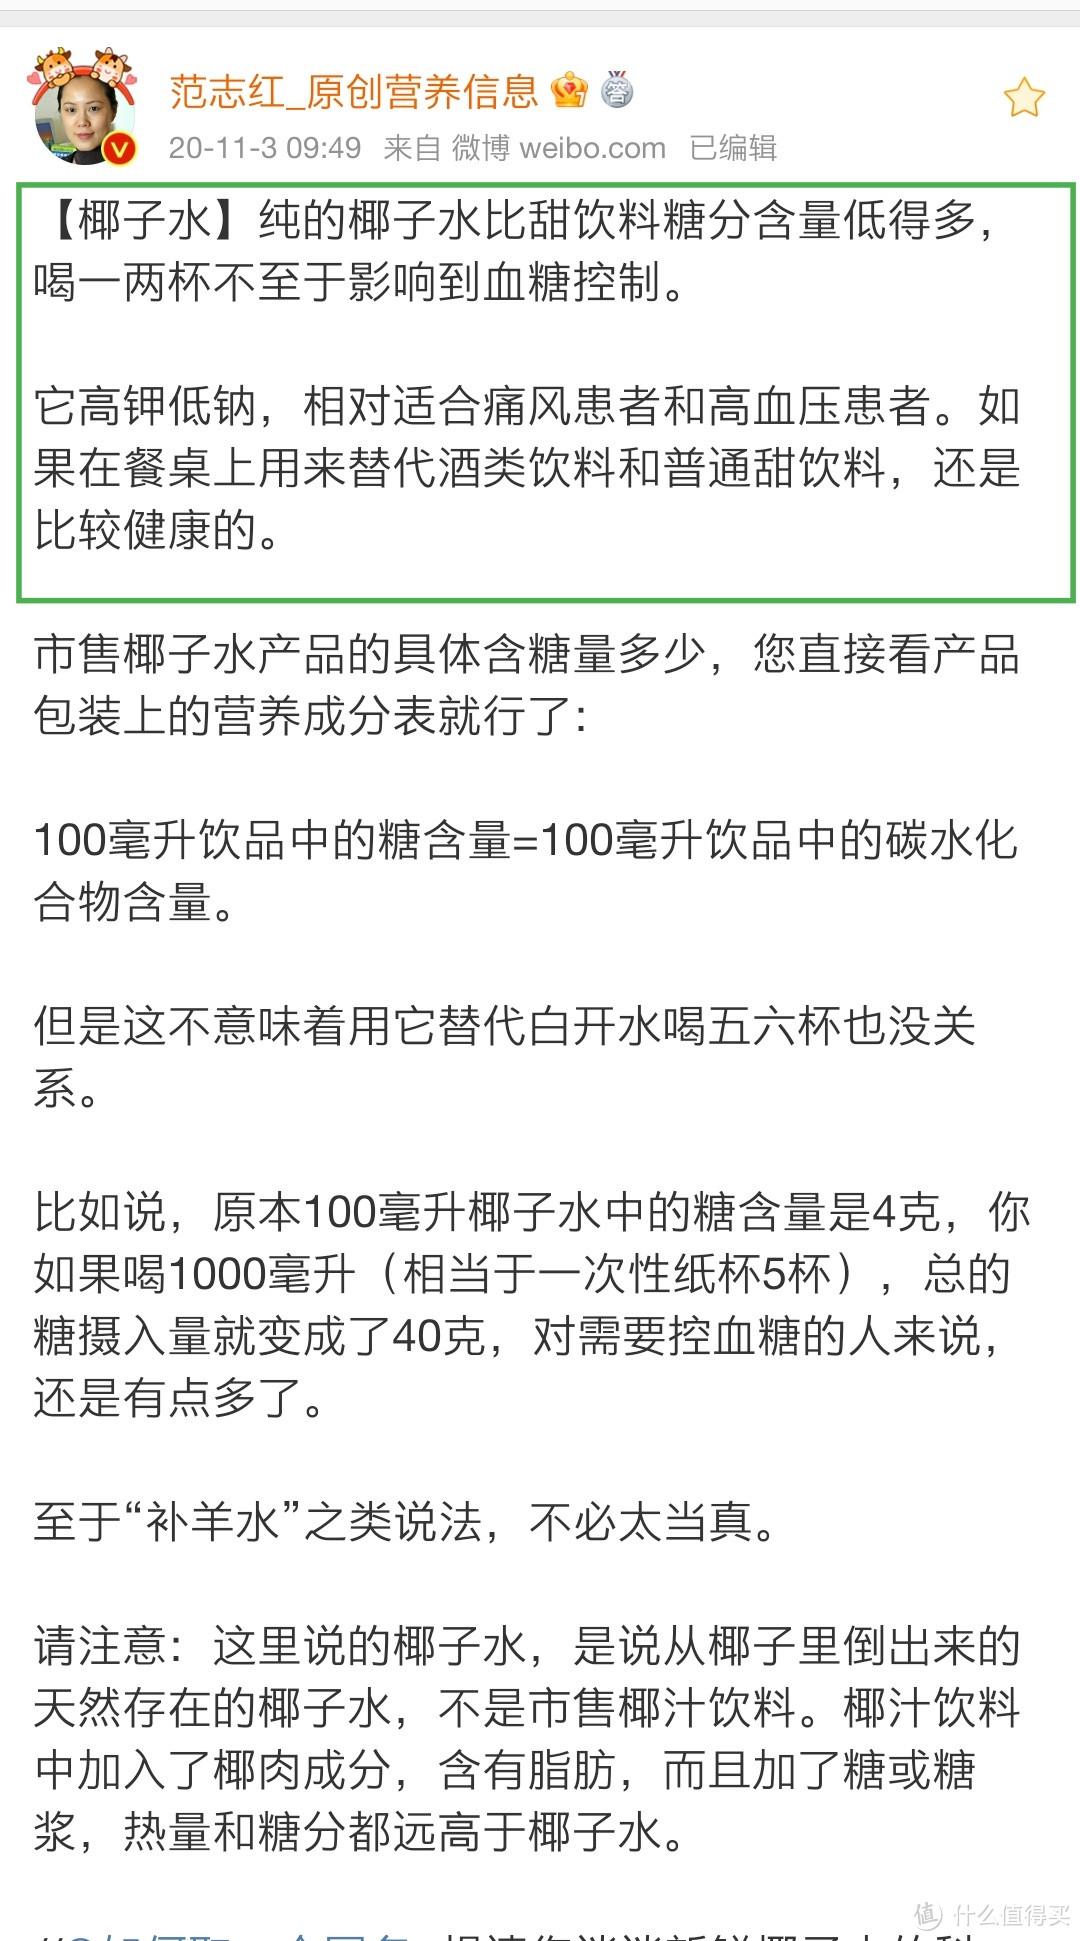 范志红老师微博截图